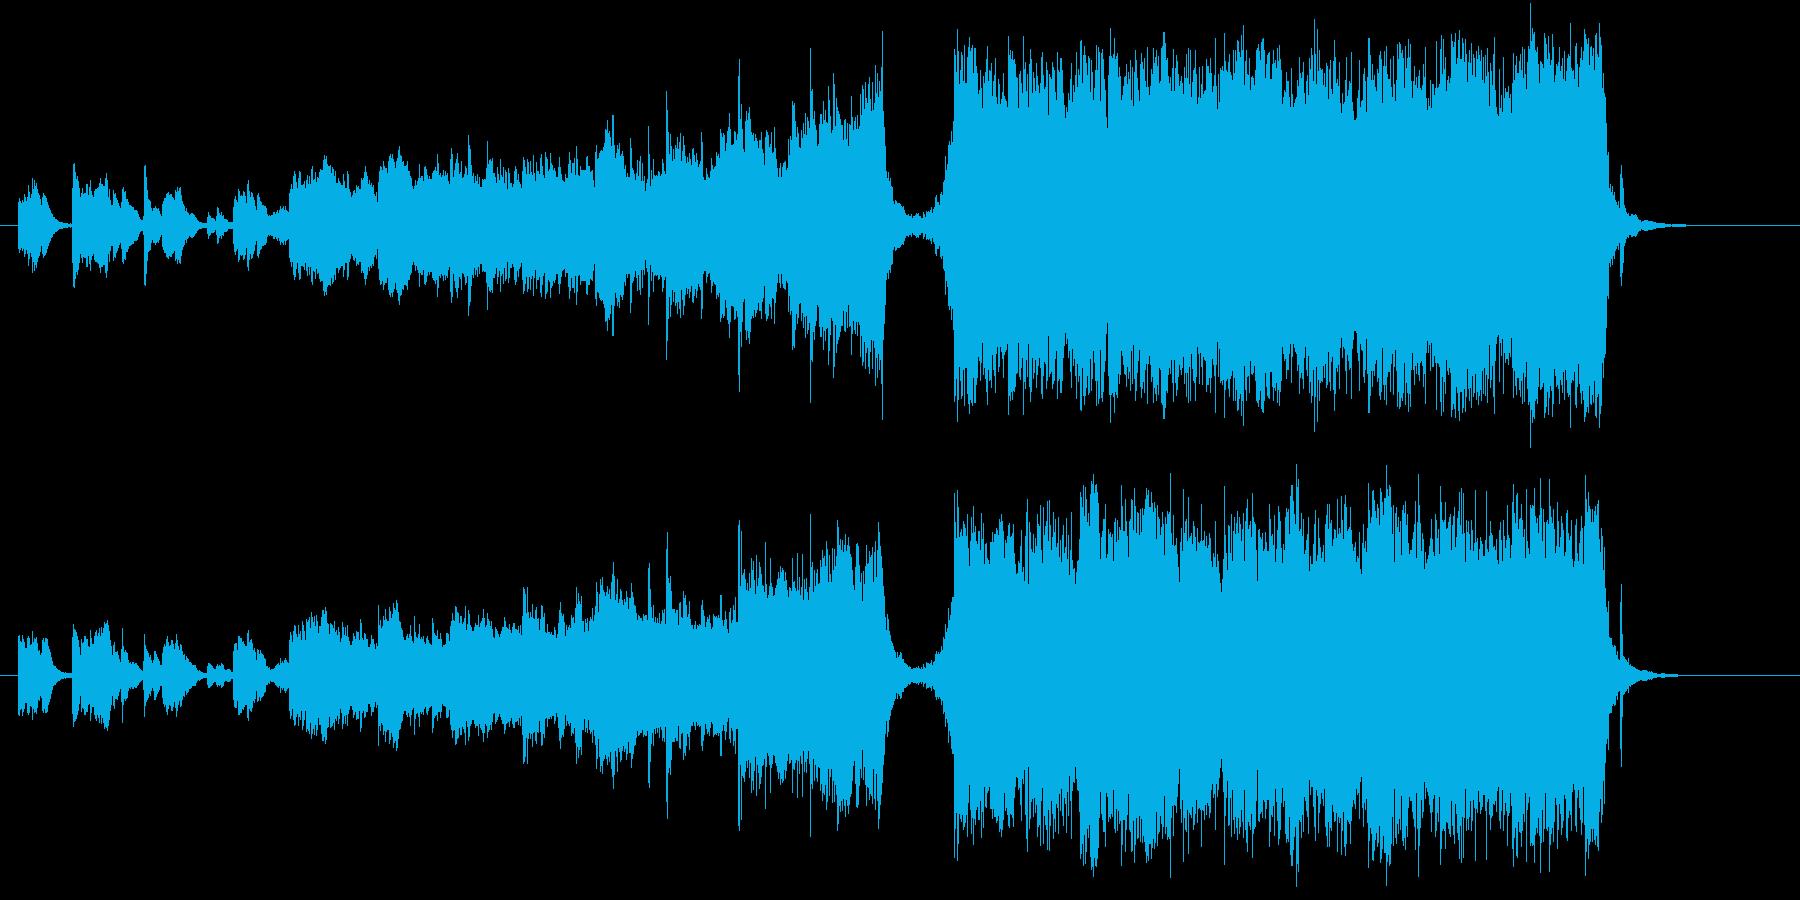 壮大で感動的なオーケストラサウンドの再生済みの波形